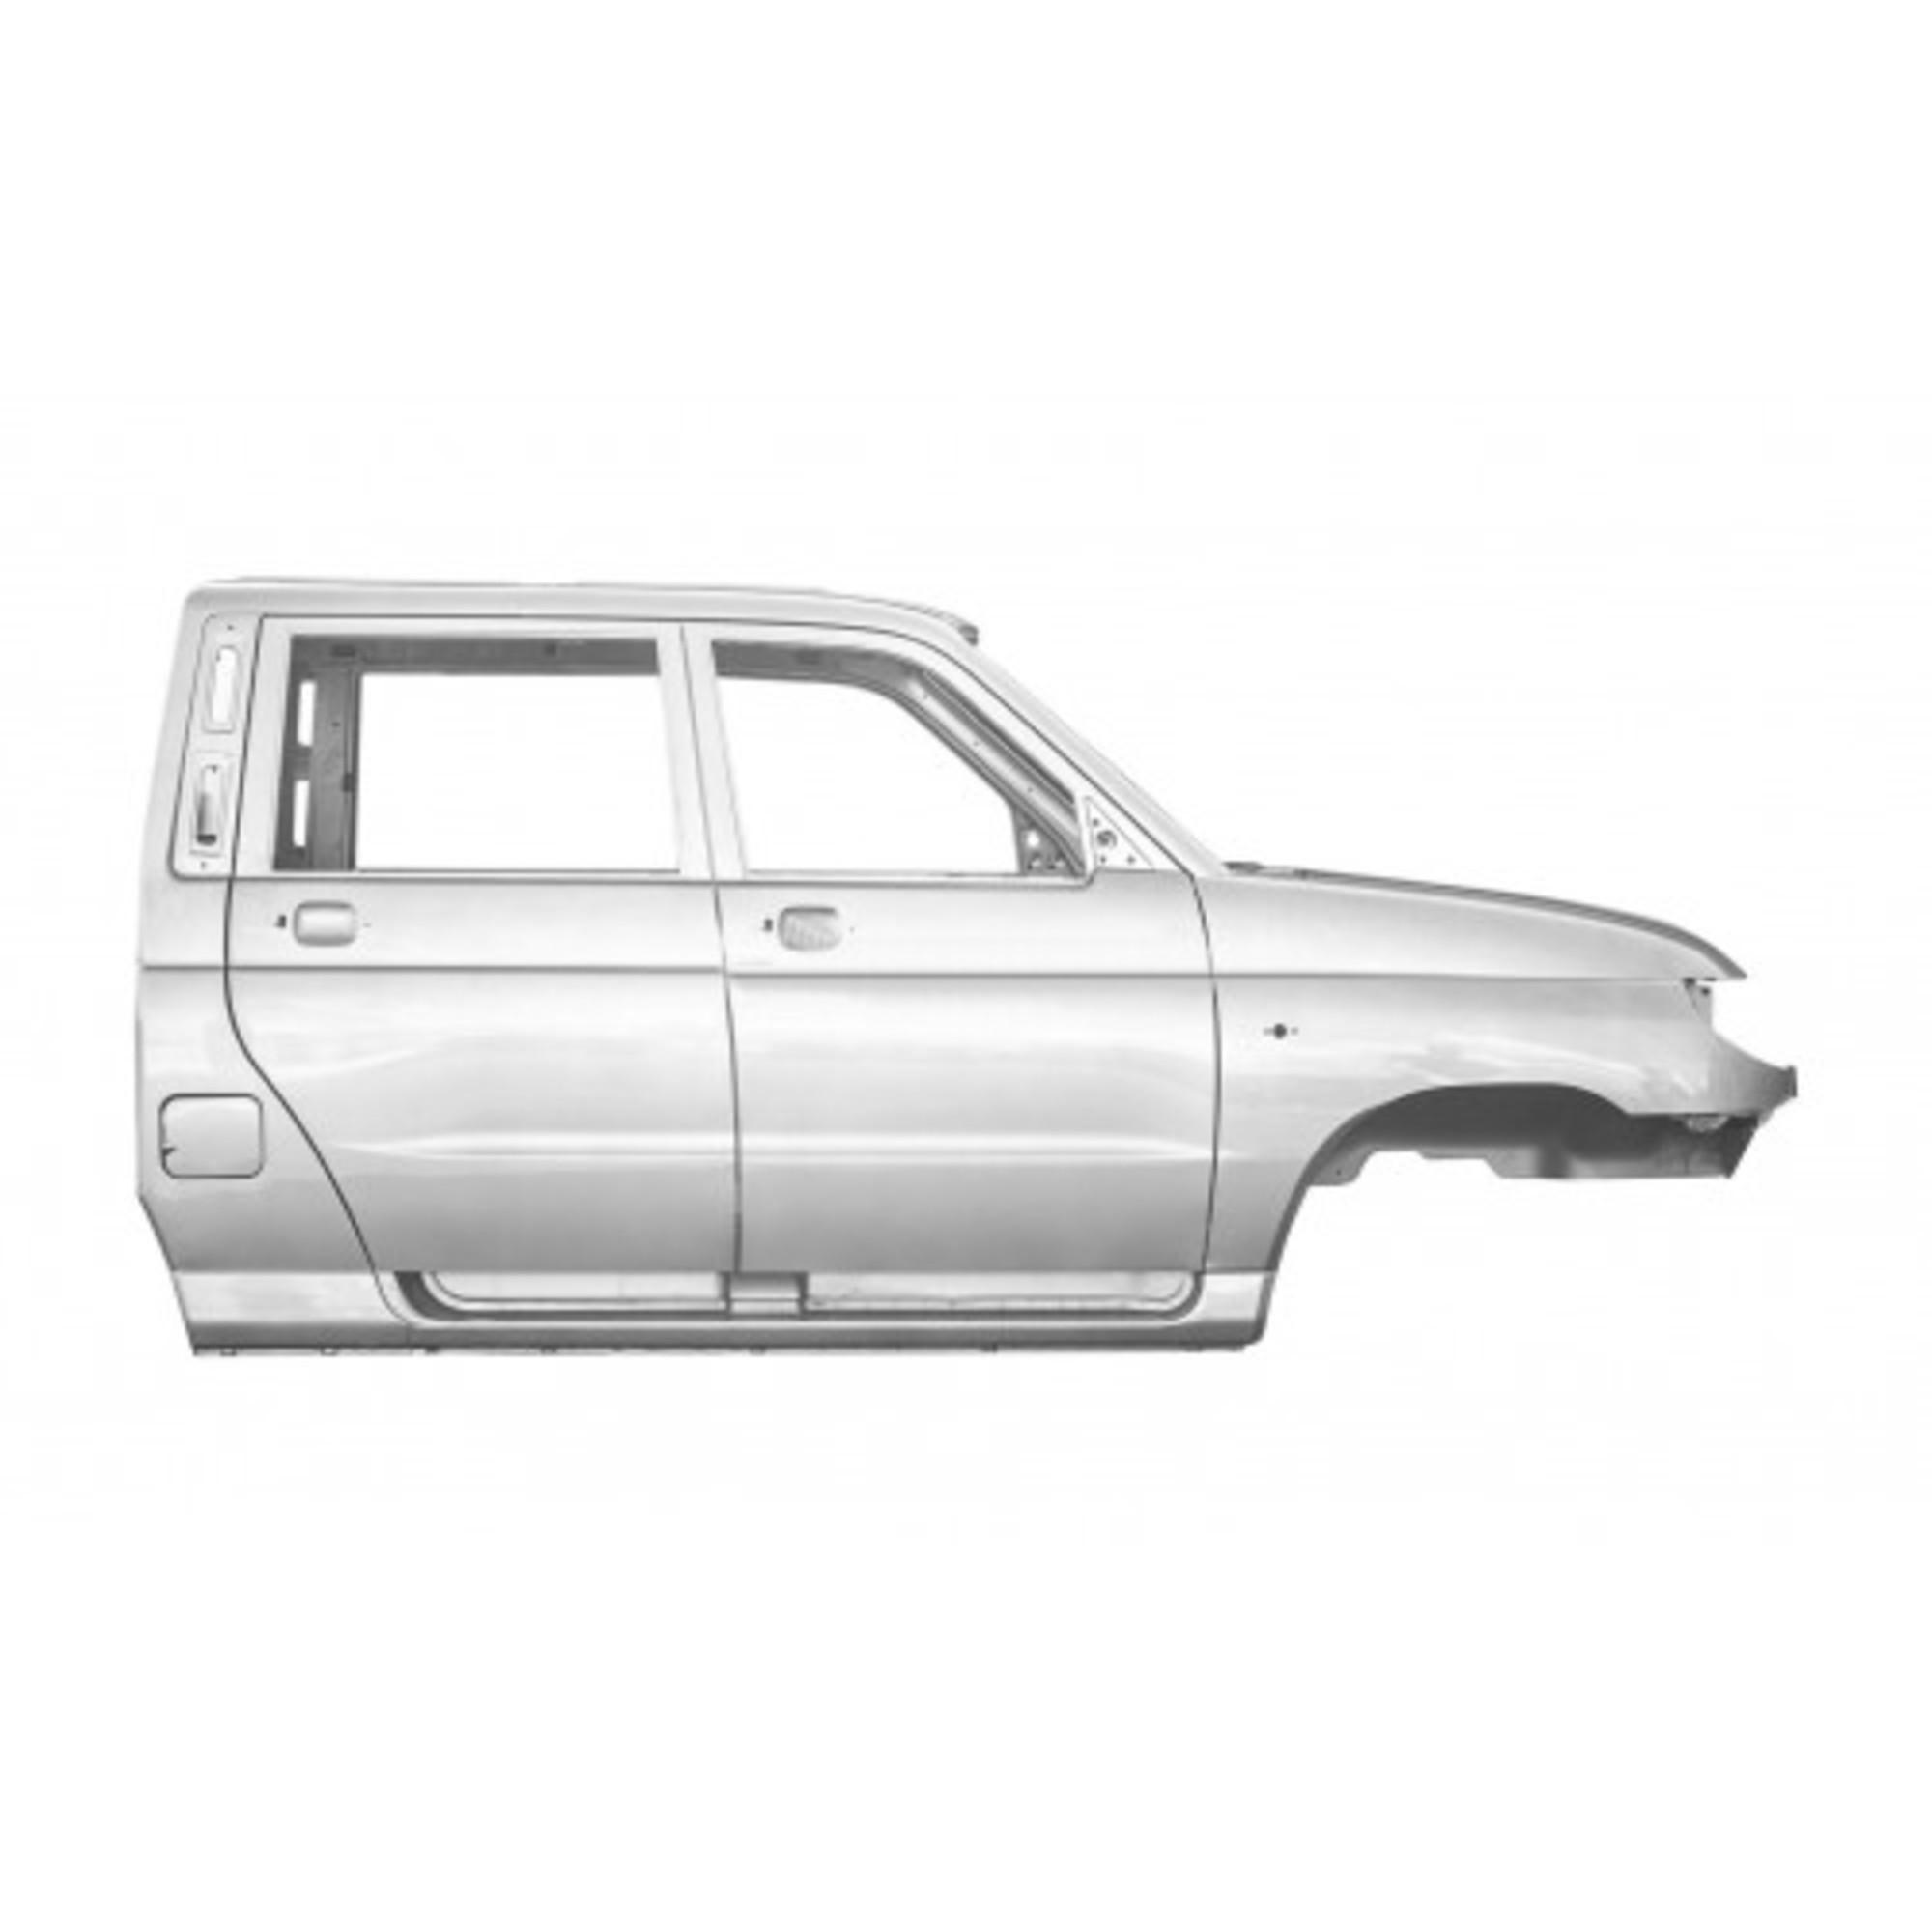 Каркас кузова (кабины) УАЗ-Пикап (жёлто-серебристый металлик)2363-00-5000032-91